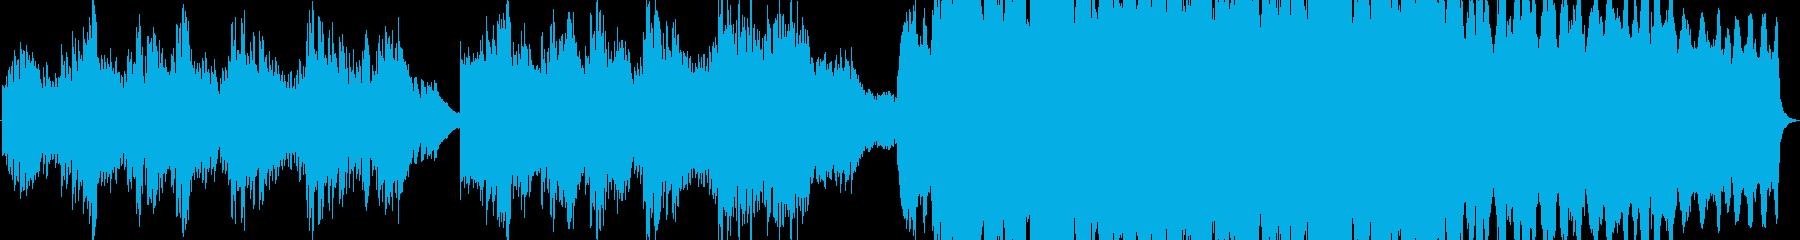 温かみのあるピアノバラード、ストリングスの再生済みの波形